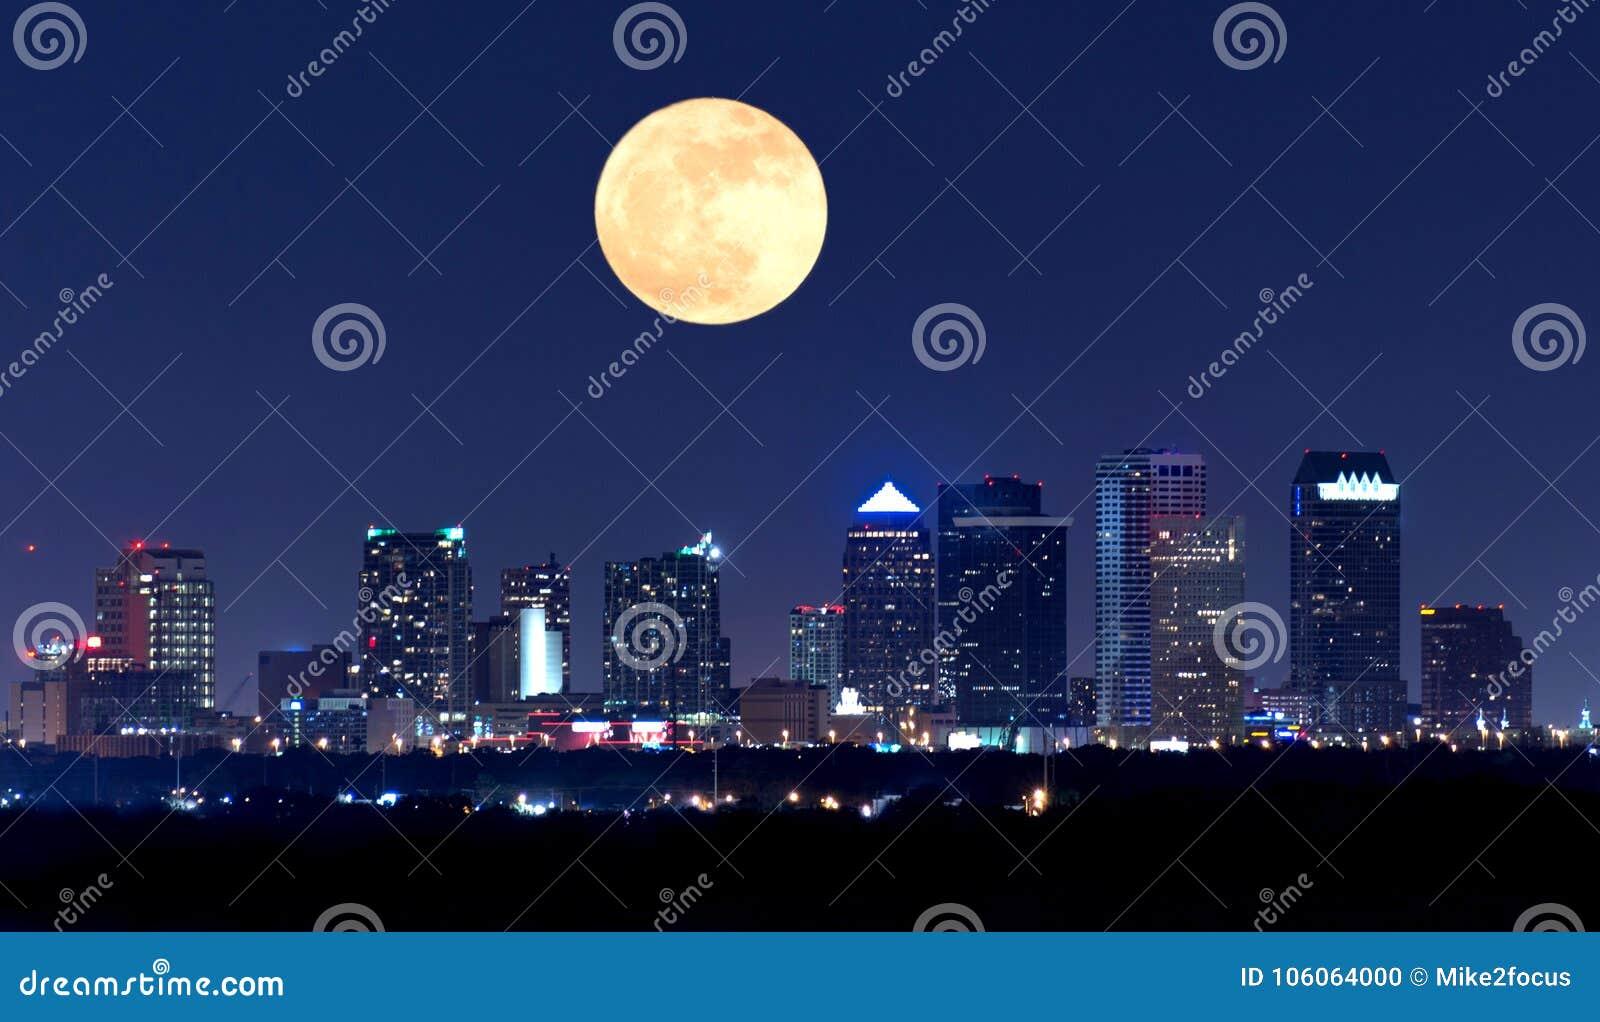 Ideia da noite da skyline de Tampa Florida com a Lua cheia enorme no céu